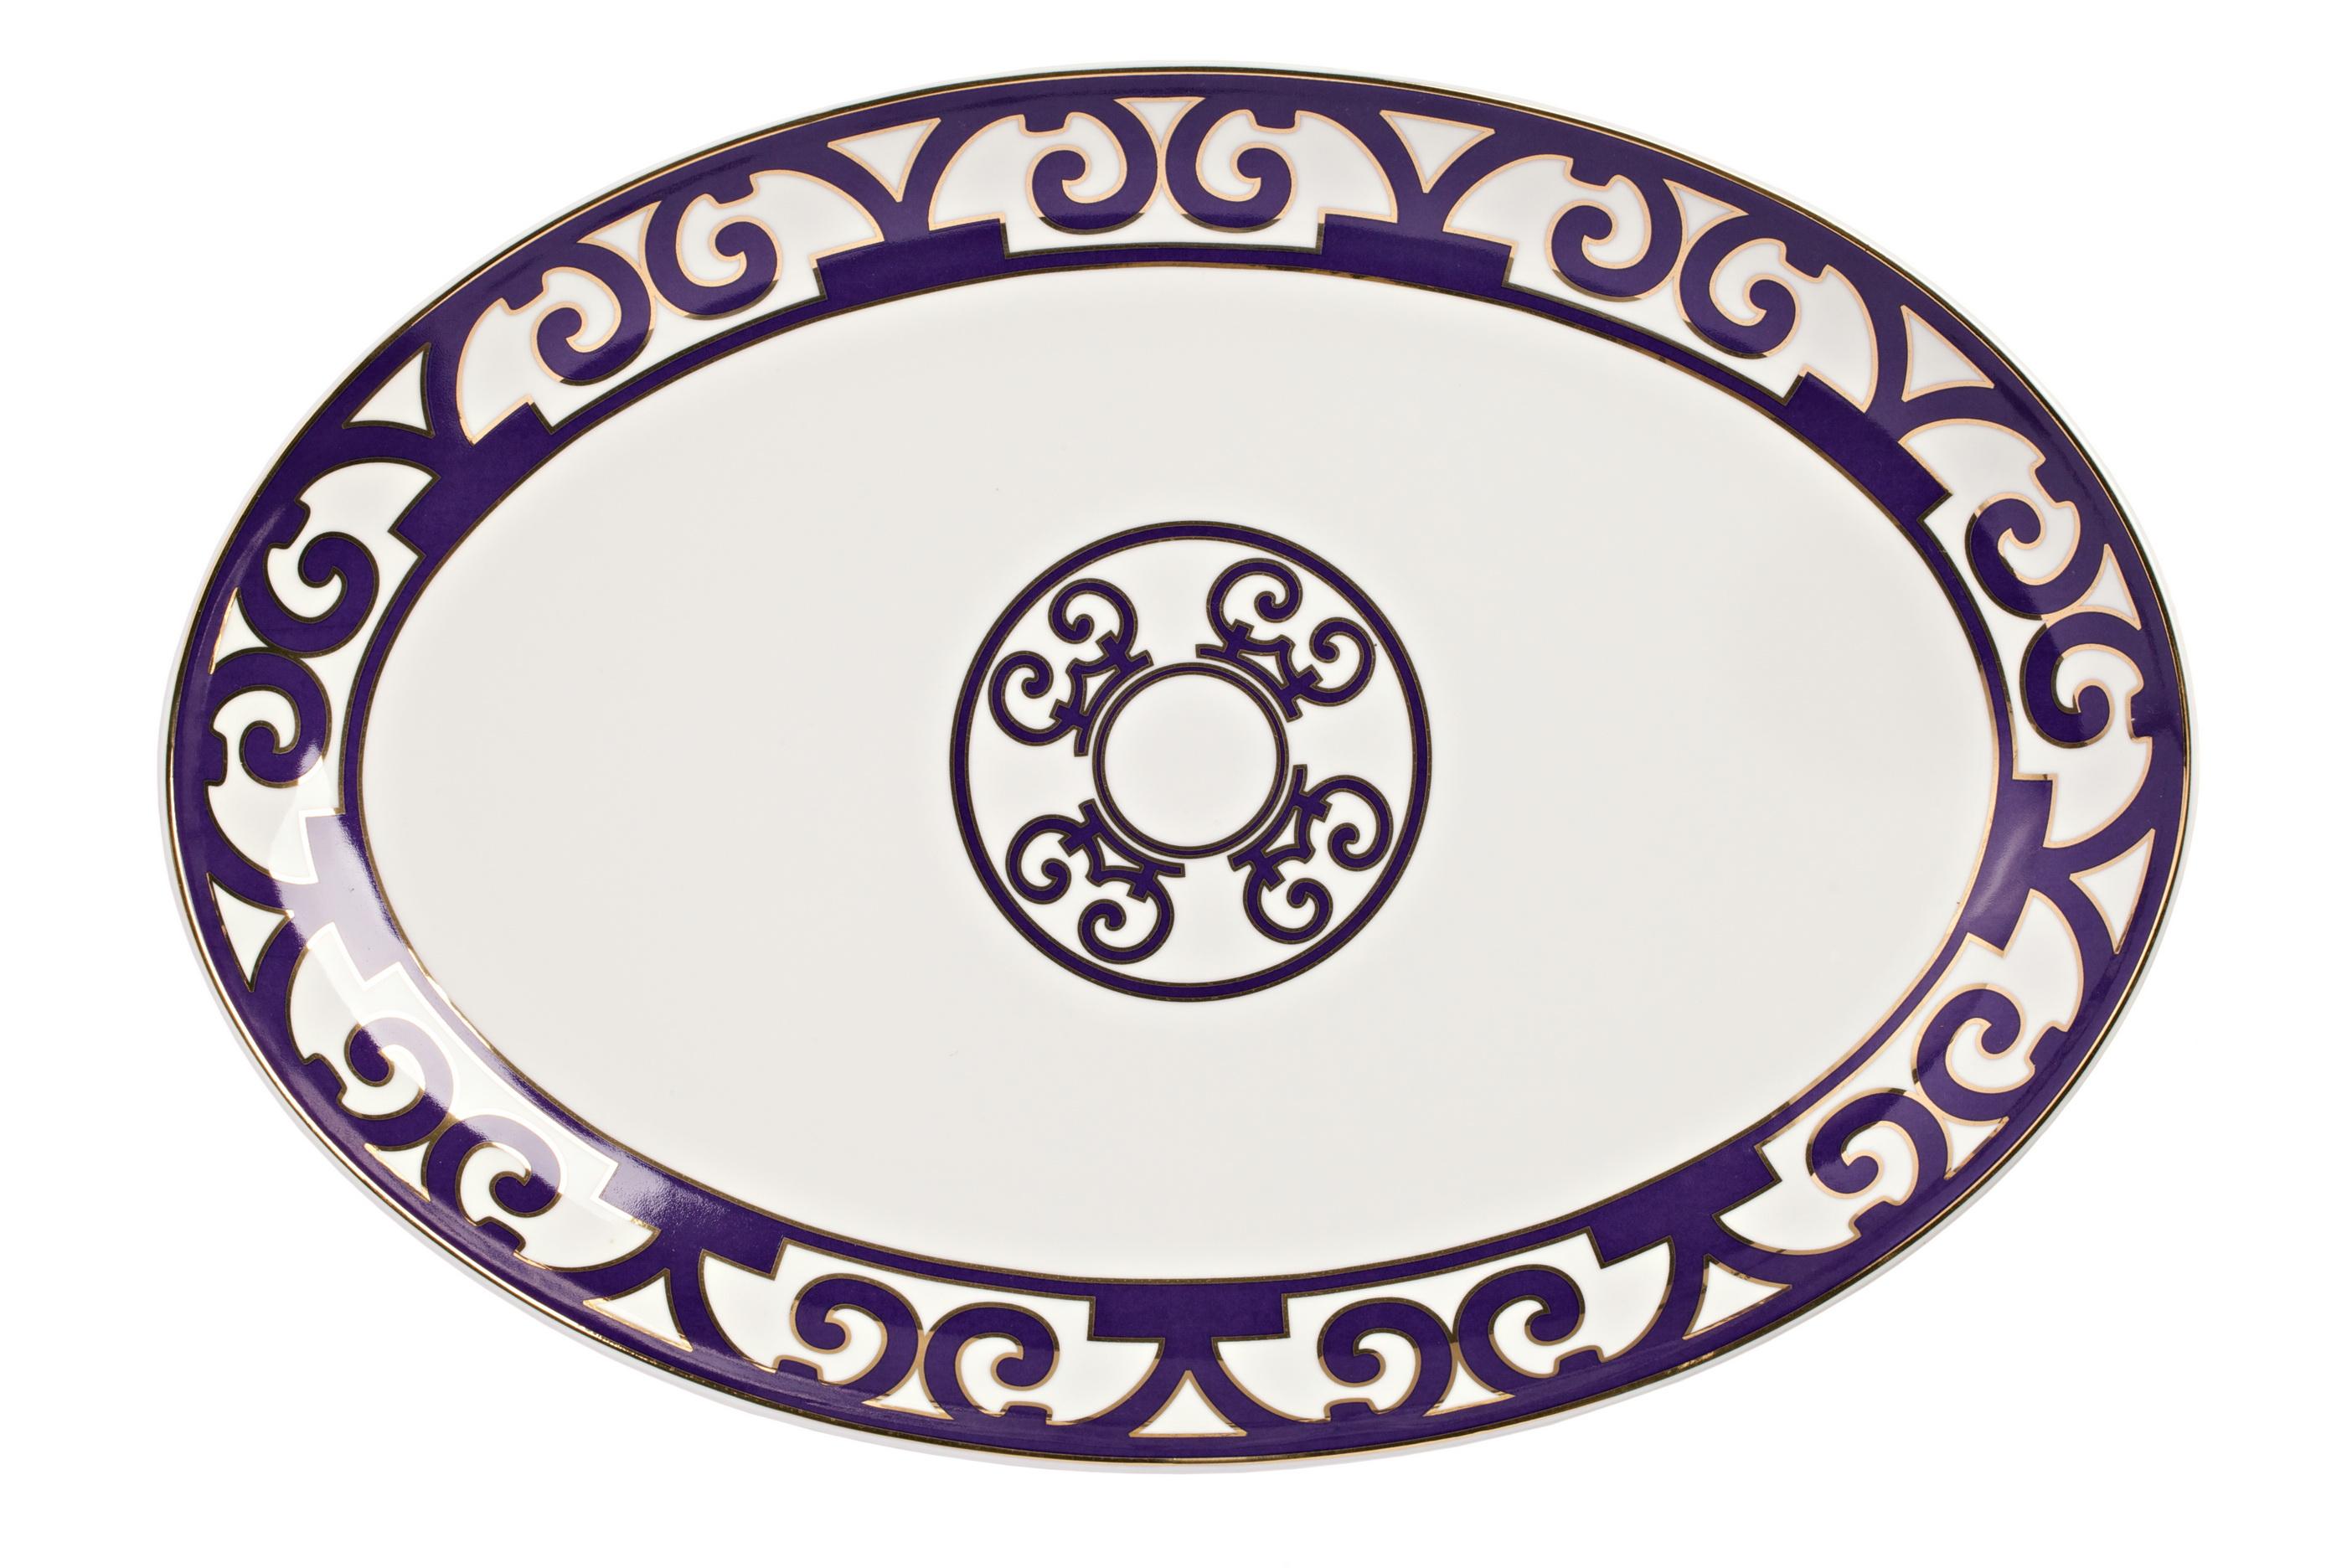 Овальное блюдо Violet Dreams БольшоеДекоративные блюда<br>Большое овальное блюдо из серии «Фиолетовые сны» идеально подойдет для подачи всевозможных салатов, нарезок и закусок. Блюдо выполнено из тончайшего костяного фарфора, великолепный орнамент из причудливо переплетенных линий придает ему восточный колорит и загадочность. <br>Вы можете приобрести его как отдельный предмет сервировки, а также в комплекте с другими предметами серии «Violet Dreams».<br><br>Material: Фарфор<br>Width см: 37<br>Depth см: 26<br>Height см: 1.5<br>Diameter см: 36